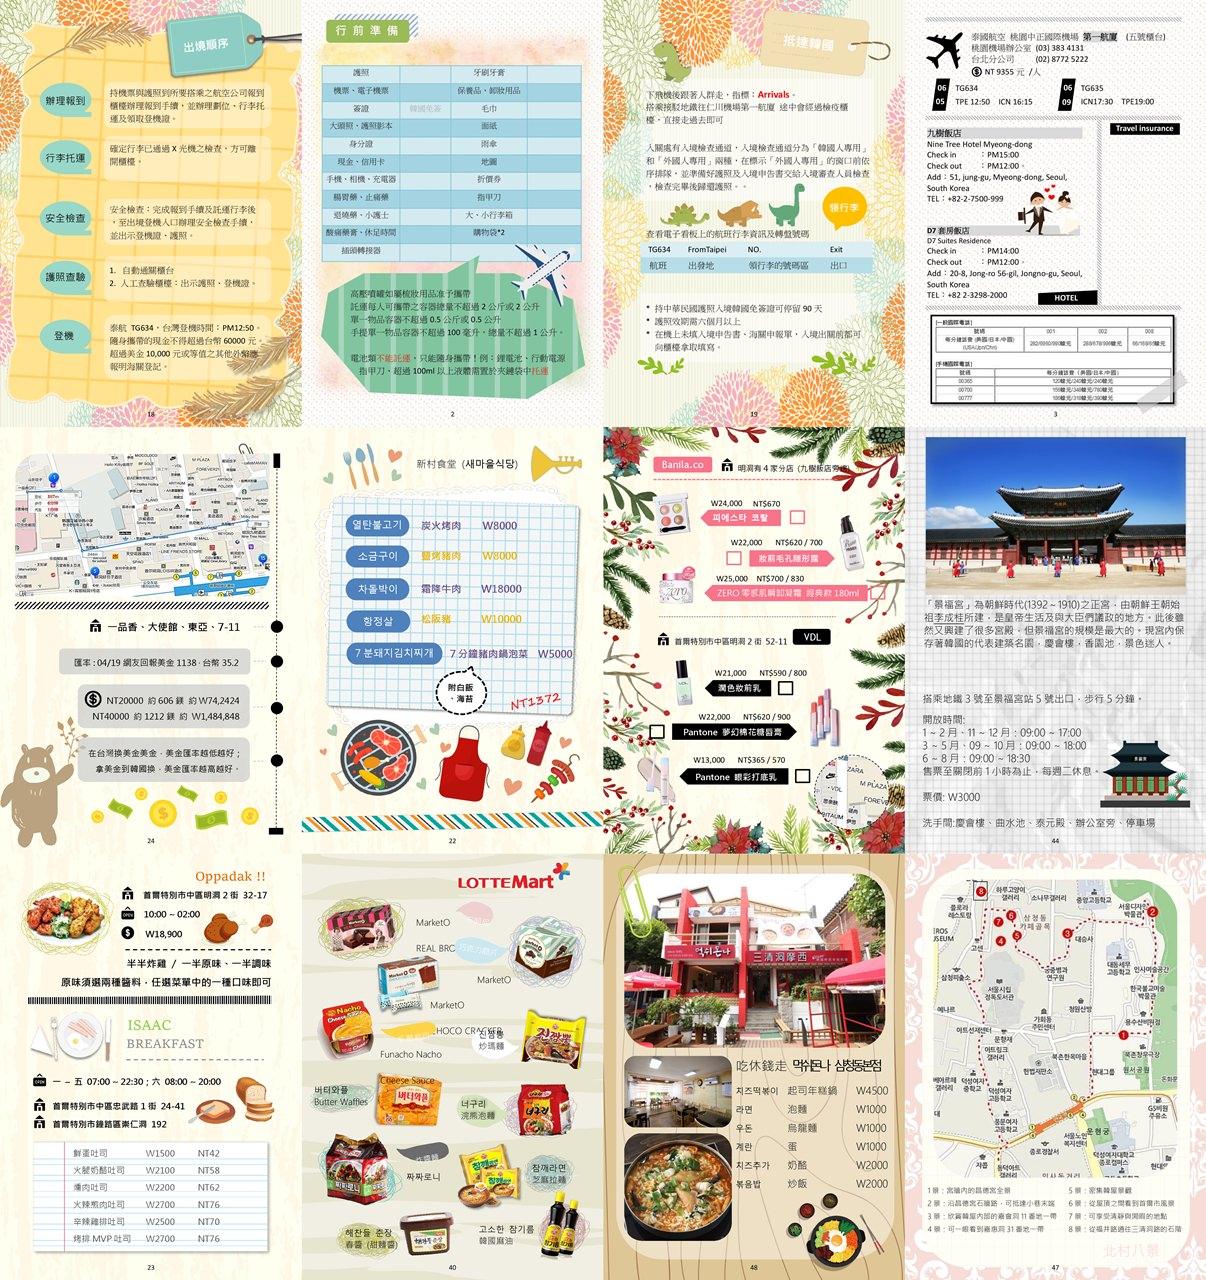 自製旅遊書,自製旅行書,自製旅行手冊,DIY旅行書,旅遊手冊diy,旅行書